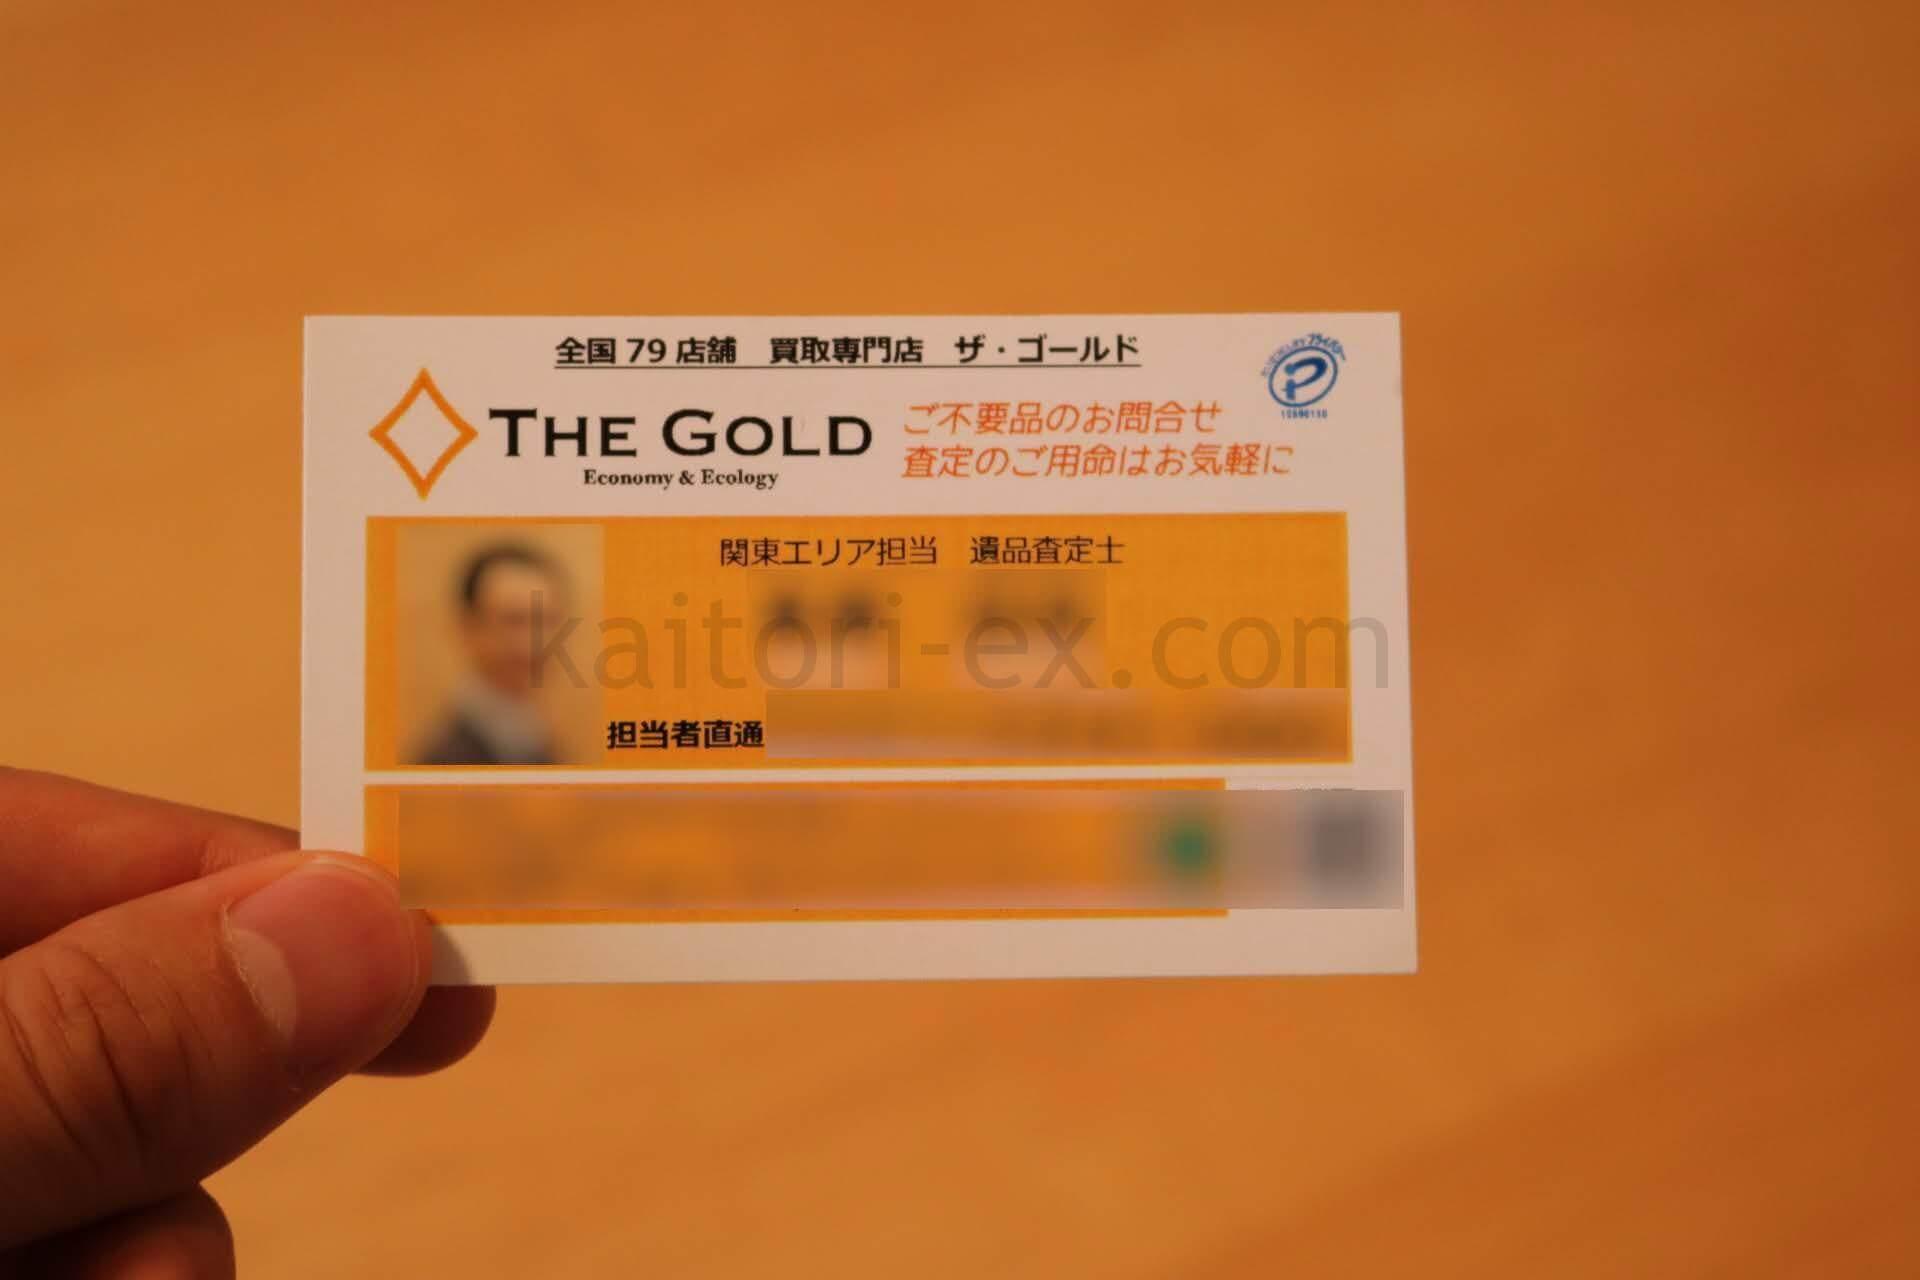 ザ・ゴールドの名刺